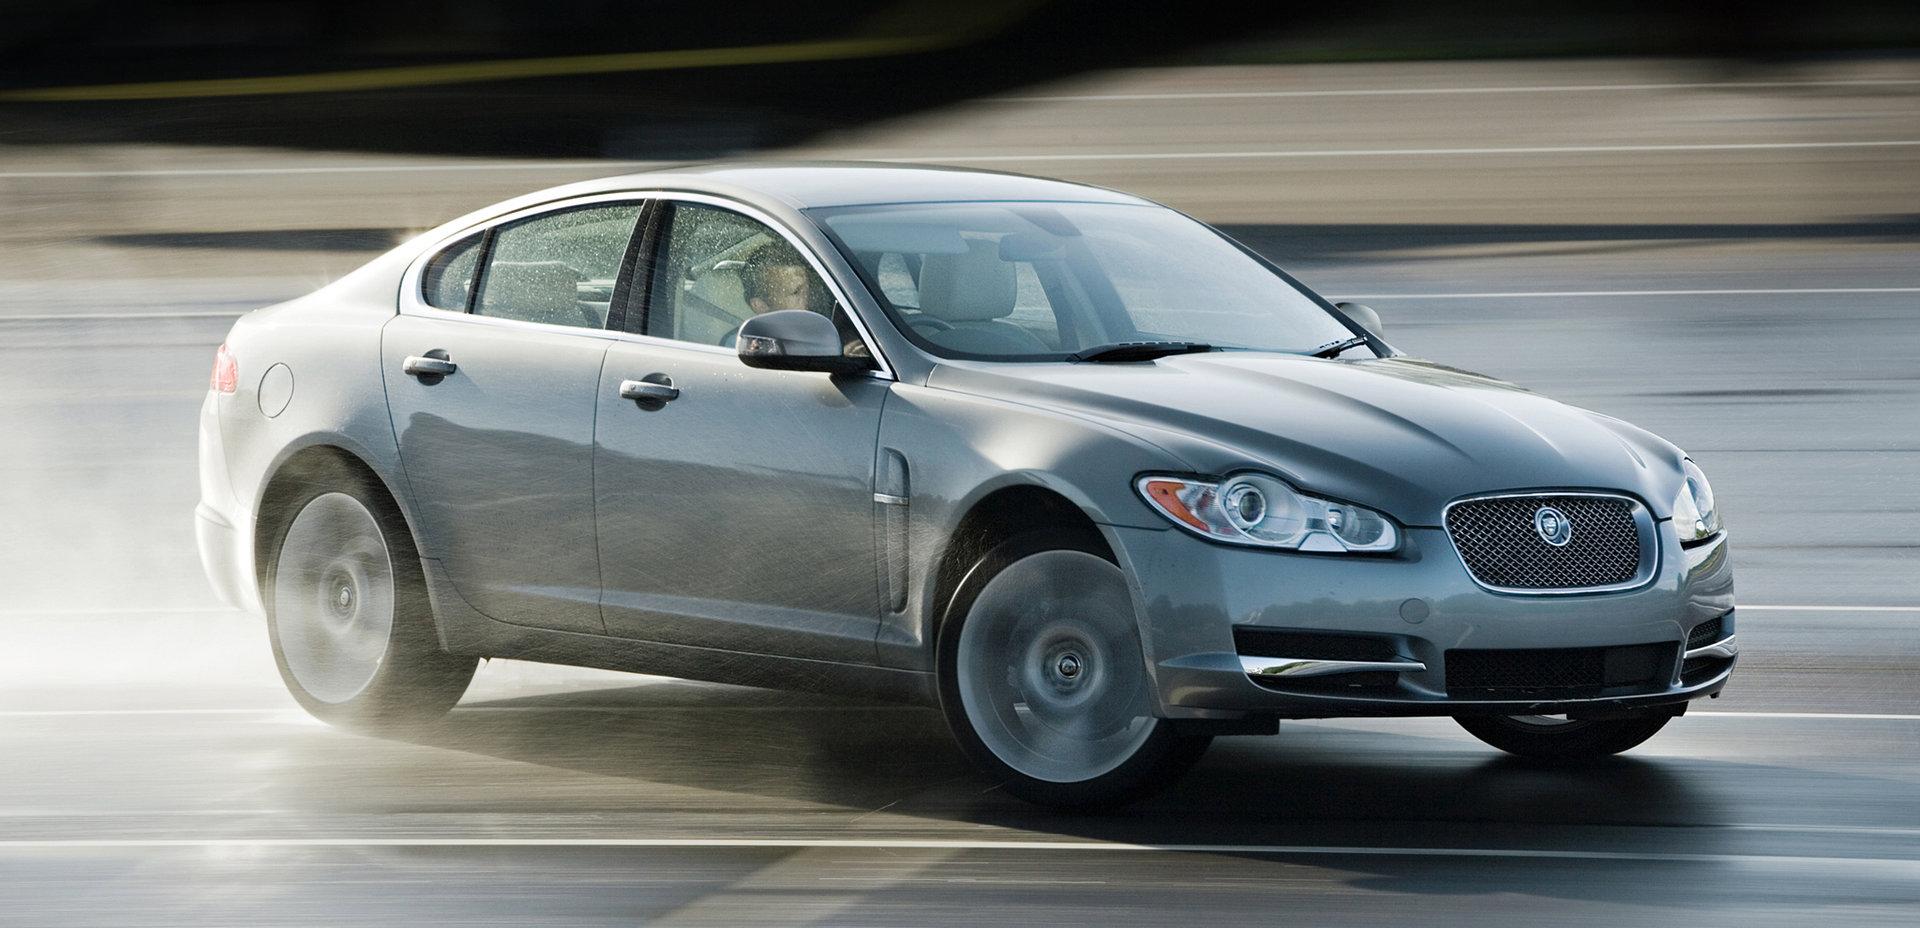 Coche del día: Jaguar XF